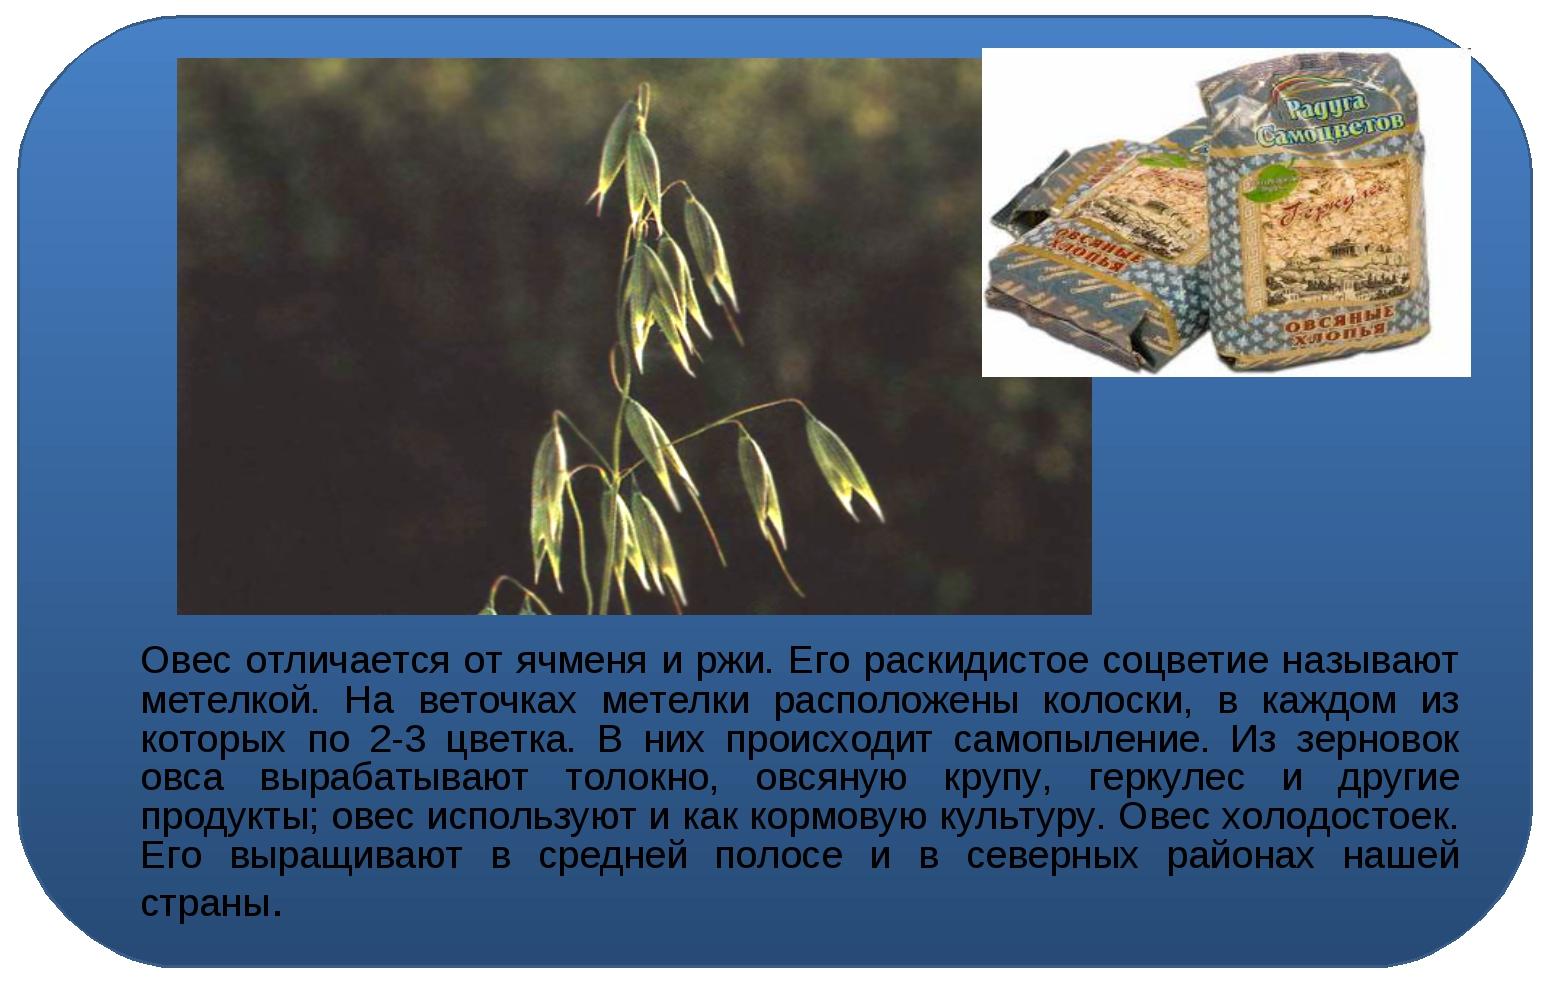 Овес отличается от ячменя и ржи. Его раскидистое соцветие называют метелкой....